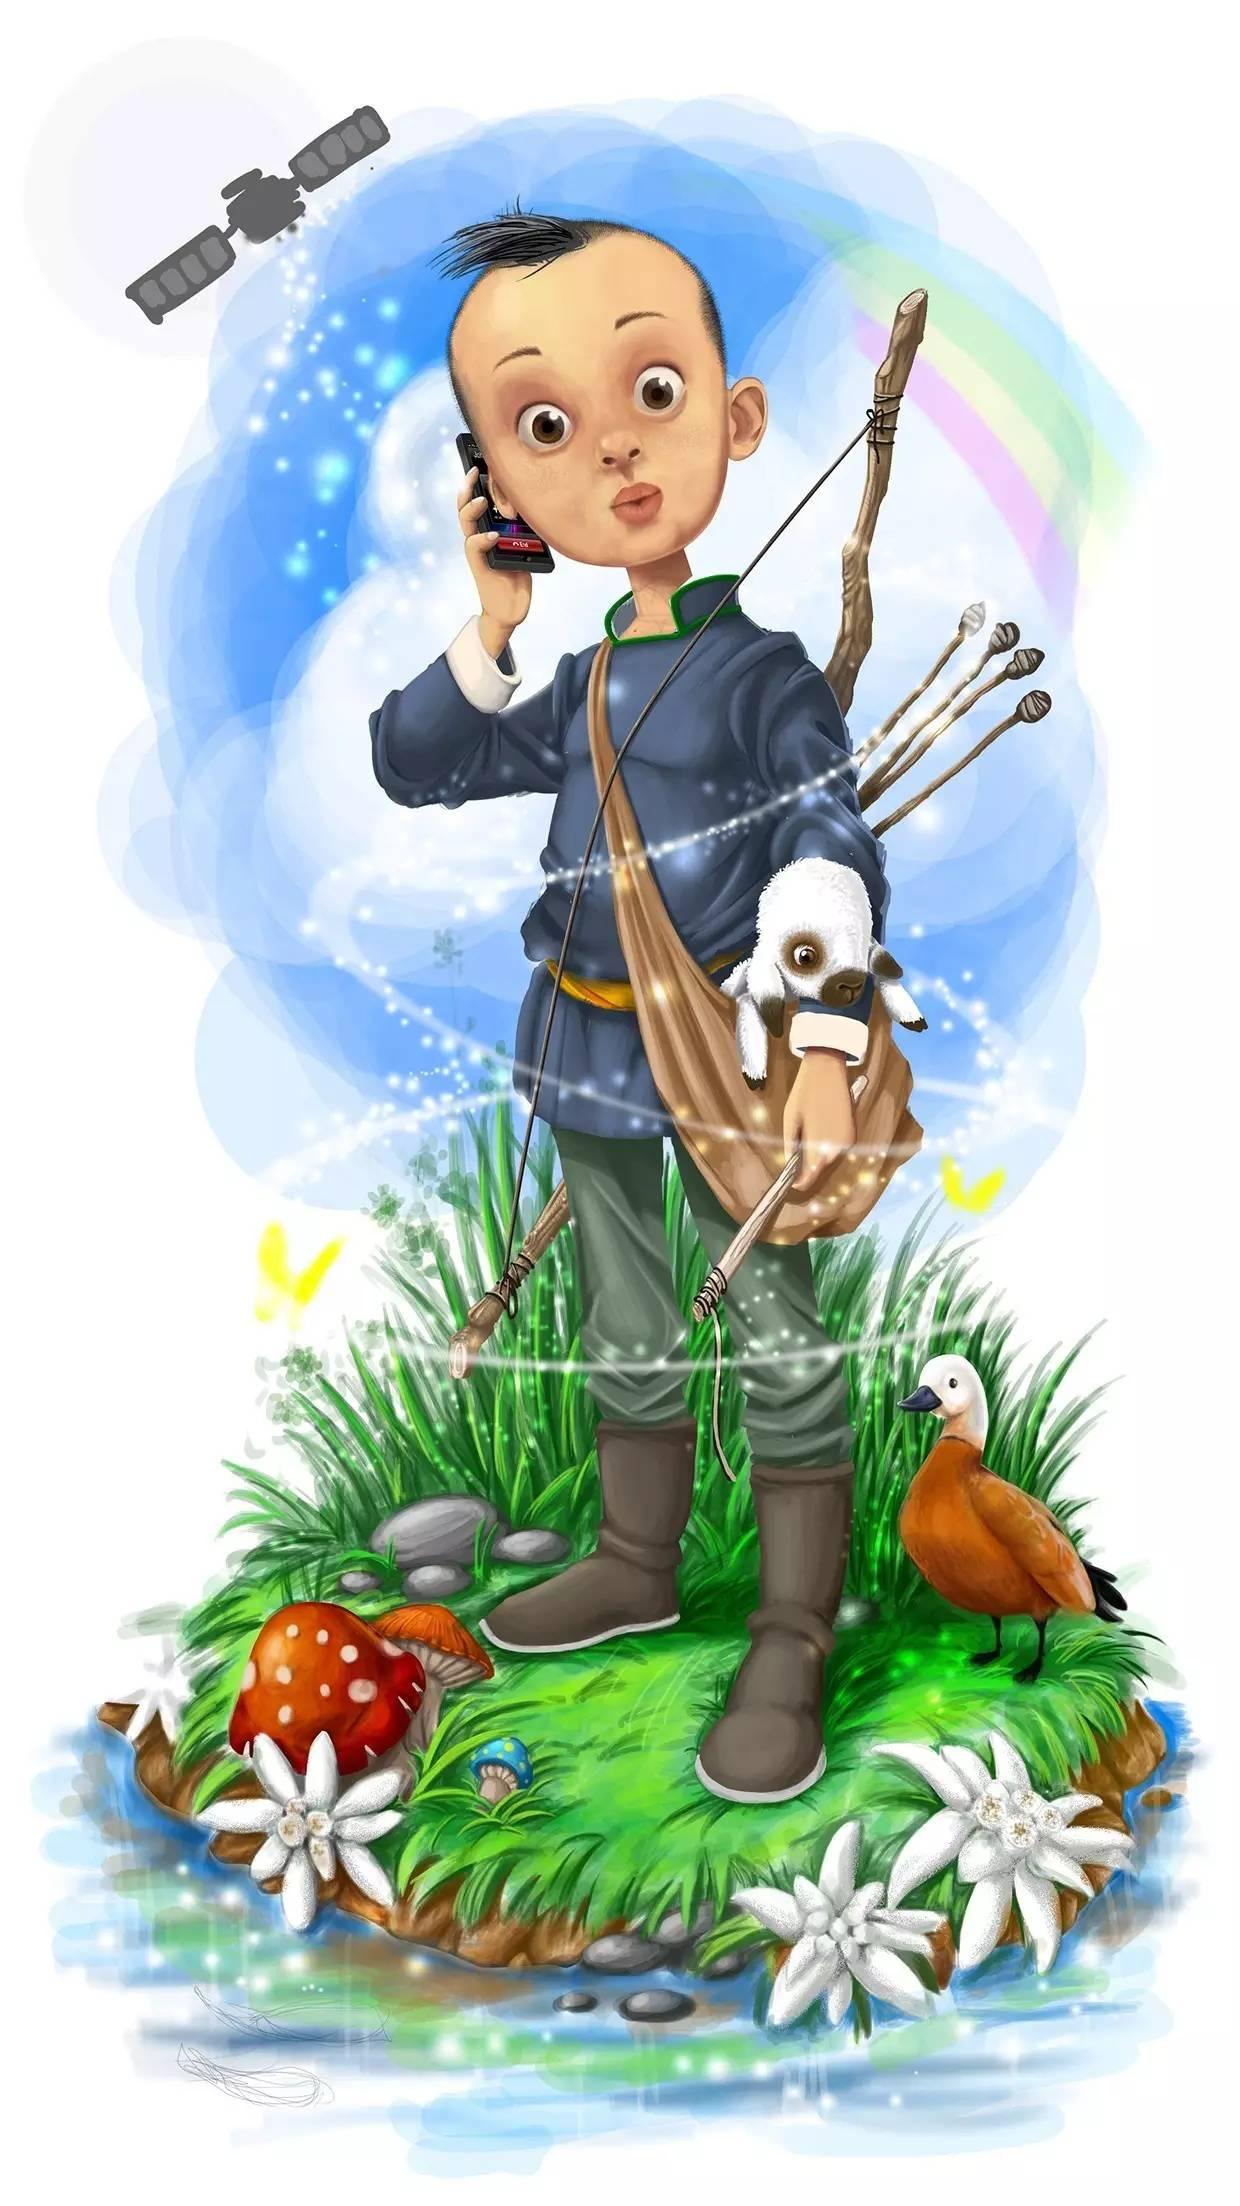 插画 | enkhtur bayrsaikhan笔下的蒙古族小孩 第4张